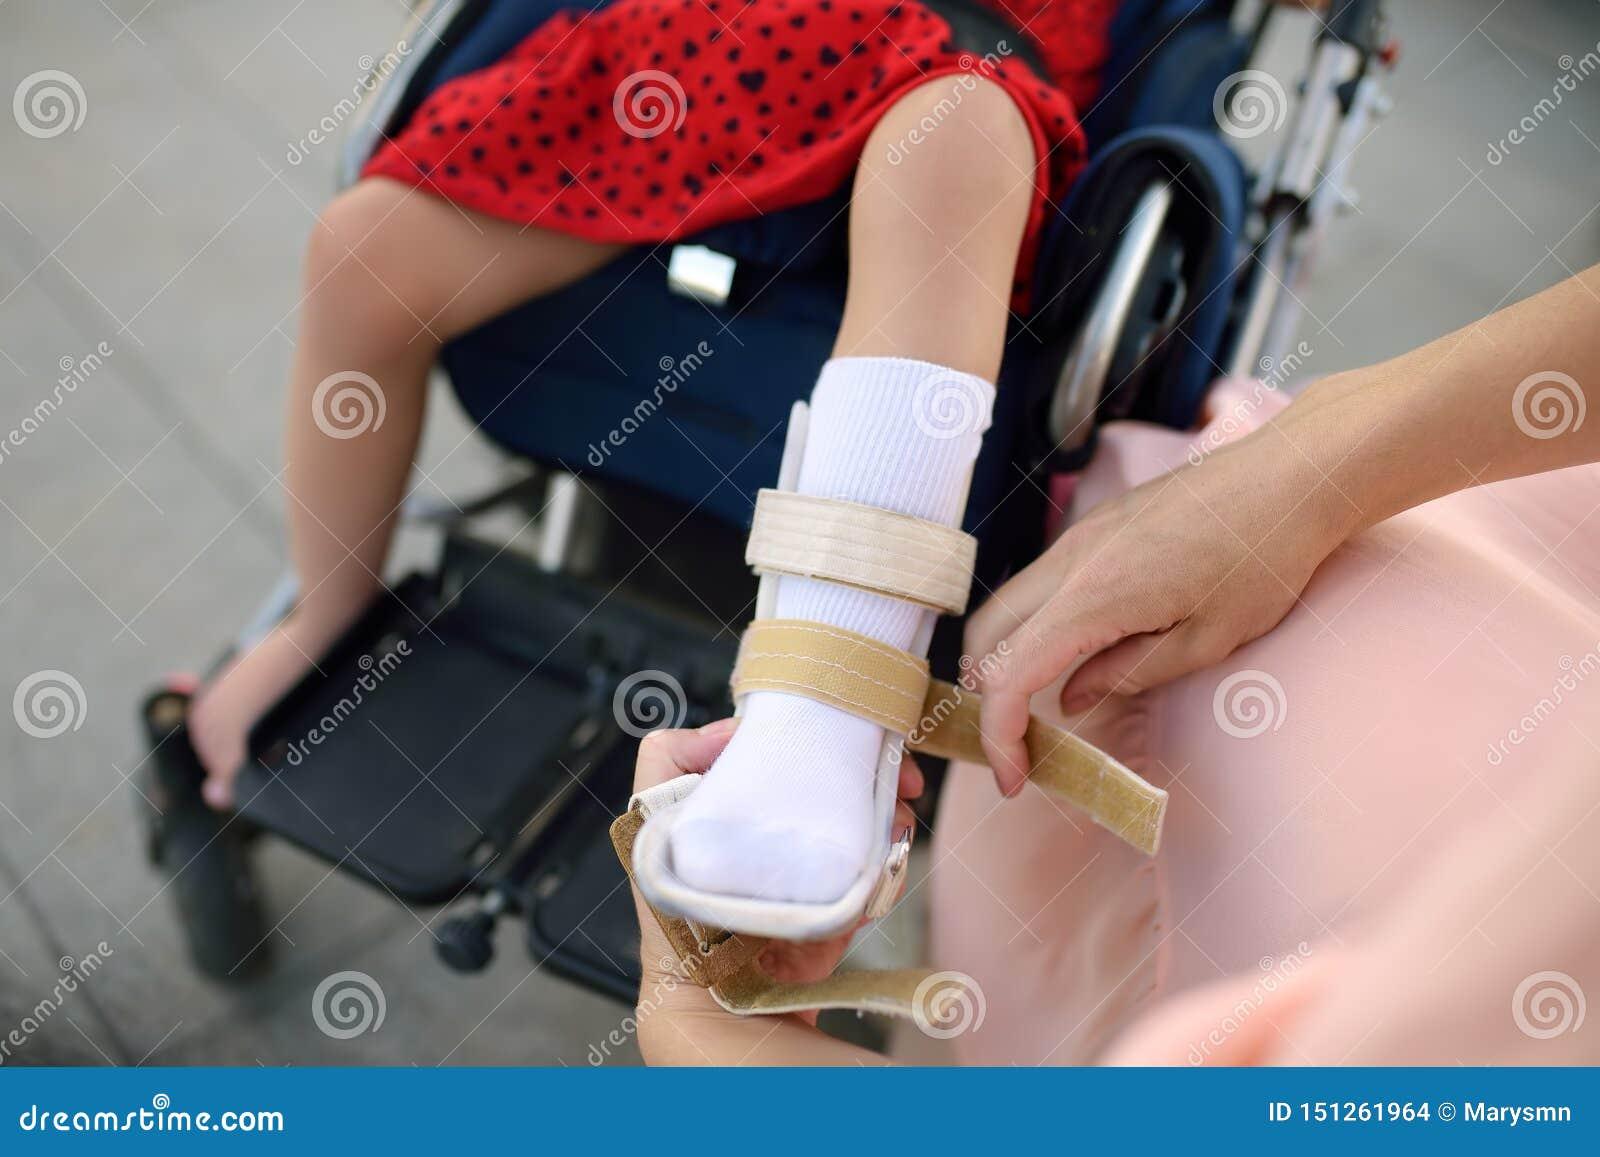 母亲投入整直法她的女儿腿 残疾女孩坐轮椅 儿童大脑麻痹